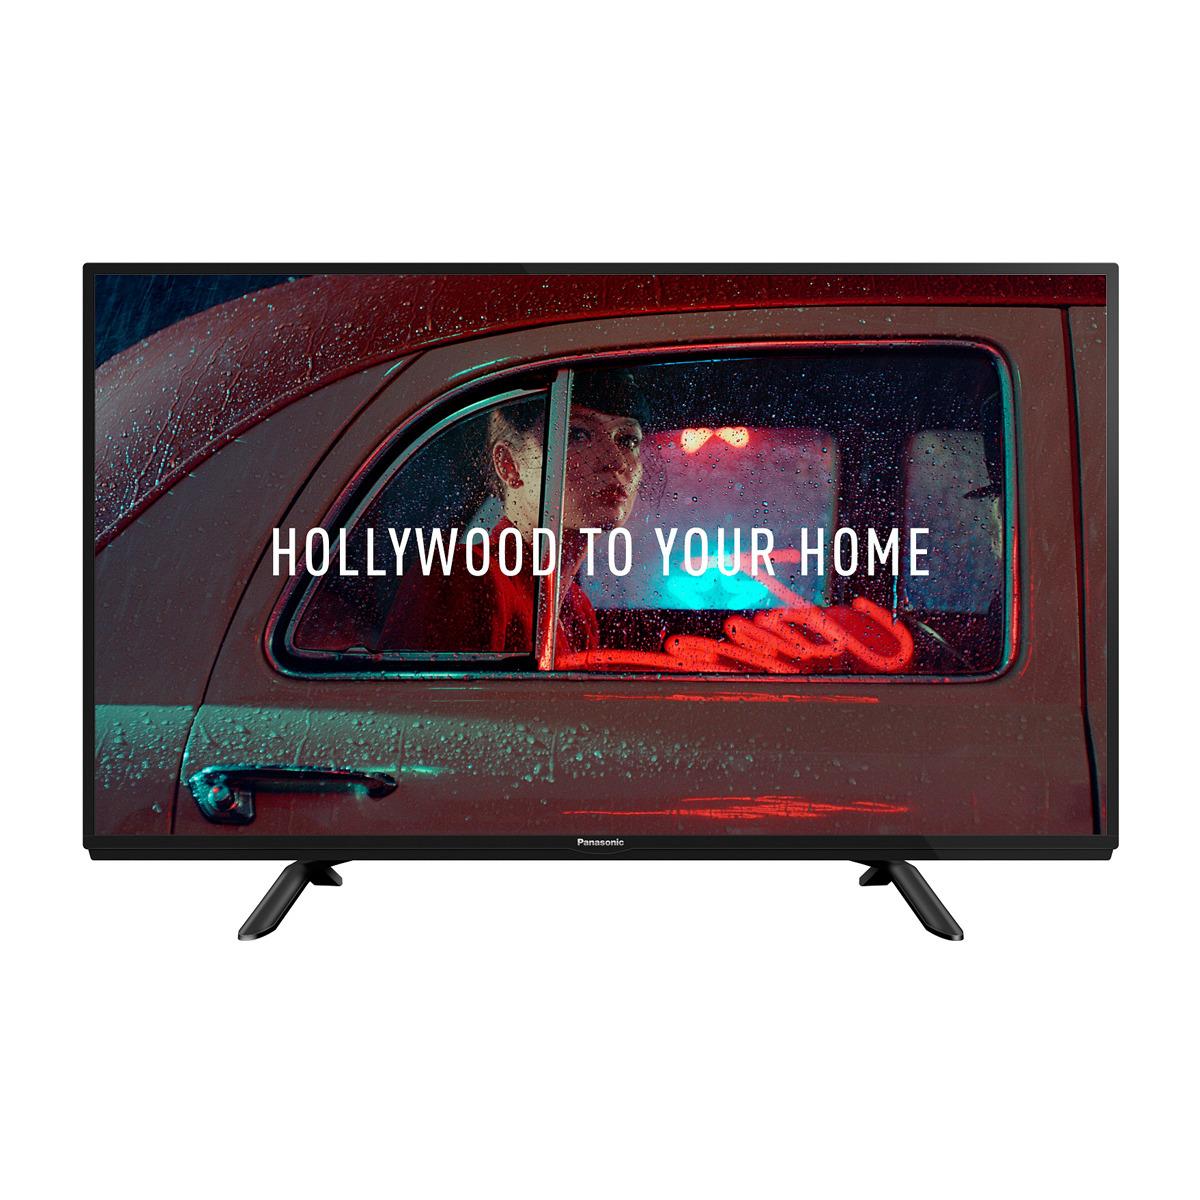 37f7f00c5031b Este televisor Panasonic de 40 pulgadas y resolución Full HD